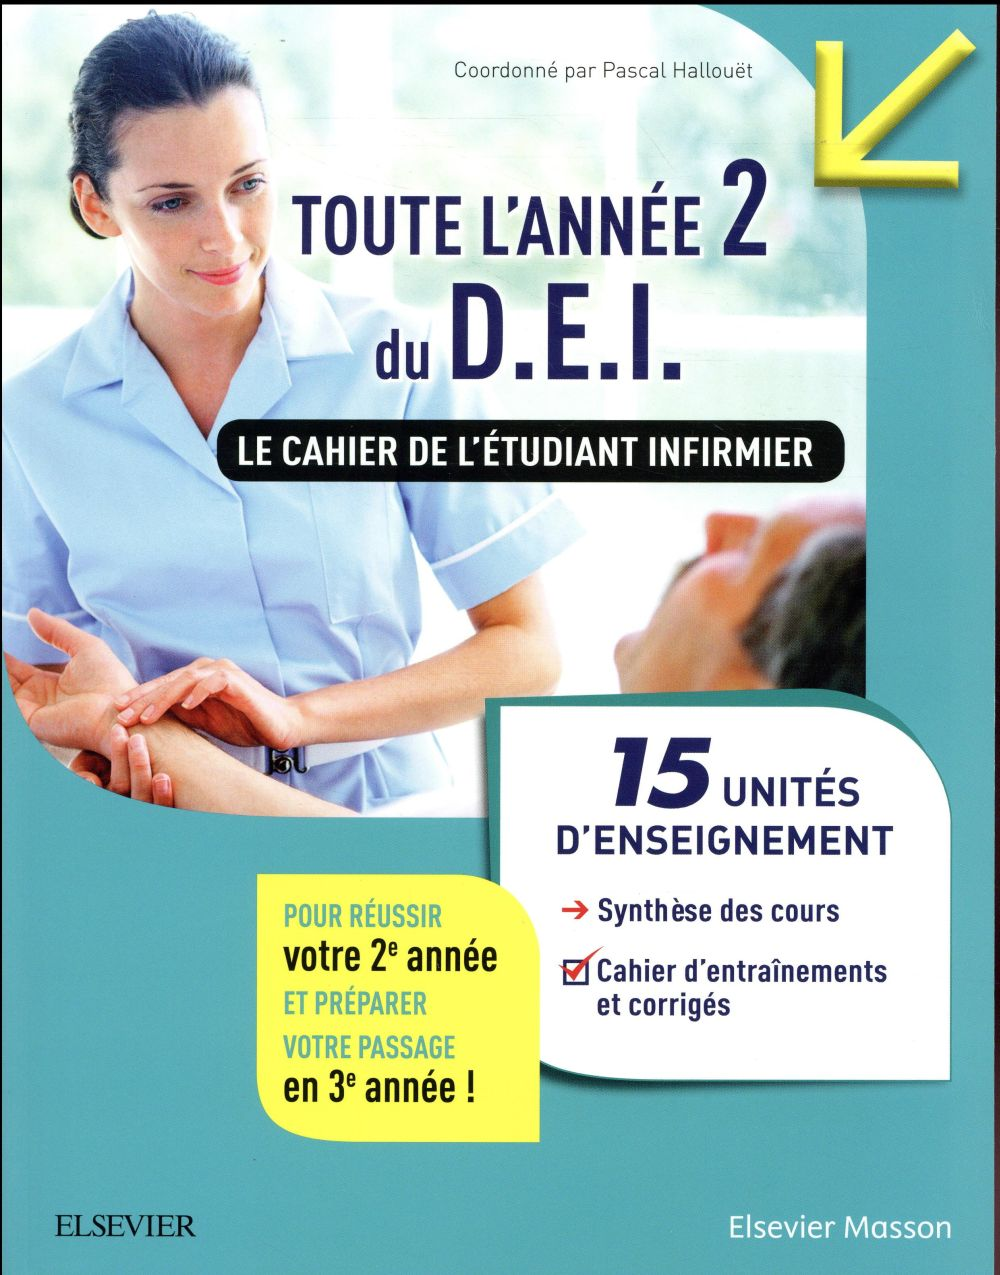 TOUTE L'ANNEE 2 DU D.E.I.  -  LE CAHIER DE L'ETUDIANT IFSI HALLOUET, PASCAL MASSON